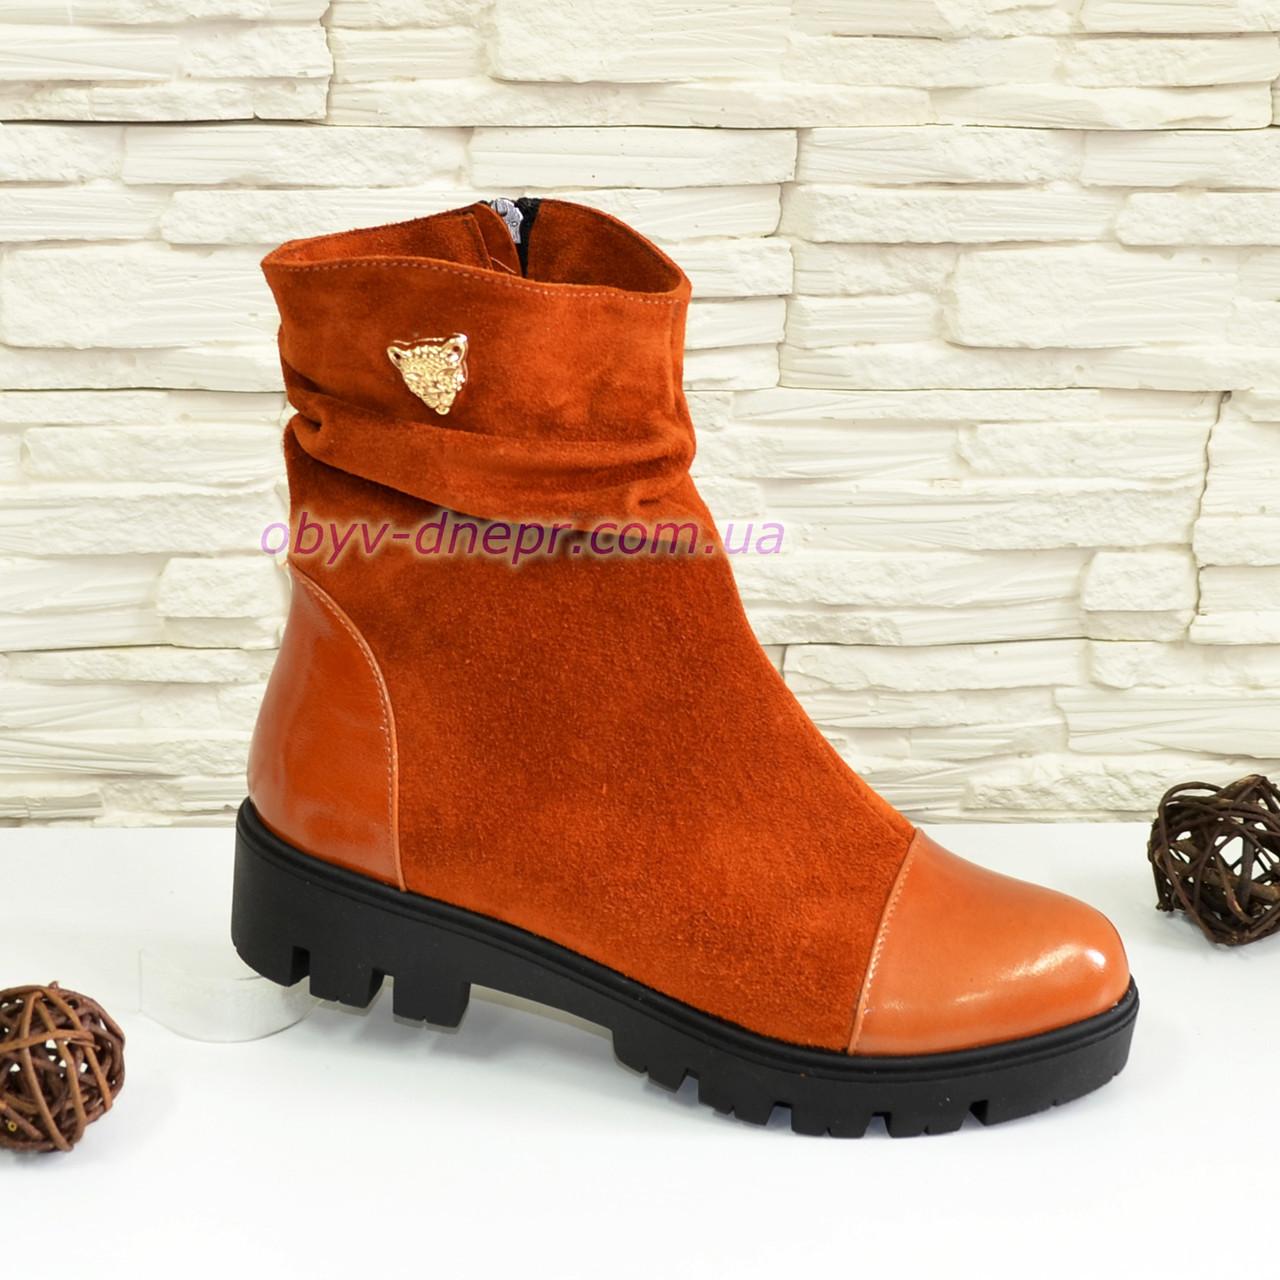 Ботинки женские замшевые зимние рыжие на тракторной подошве